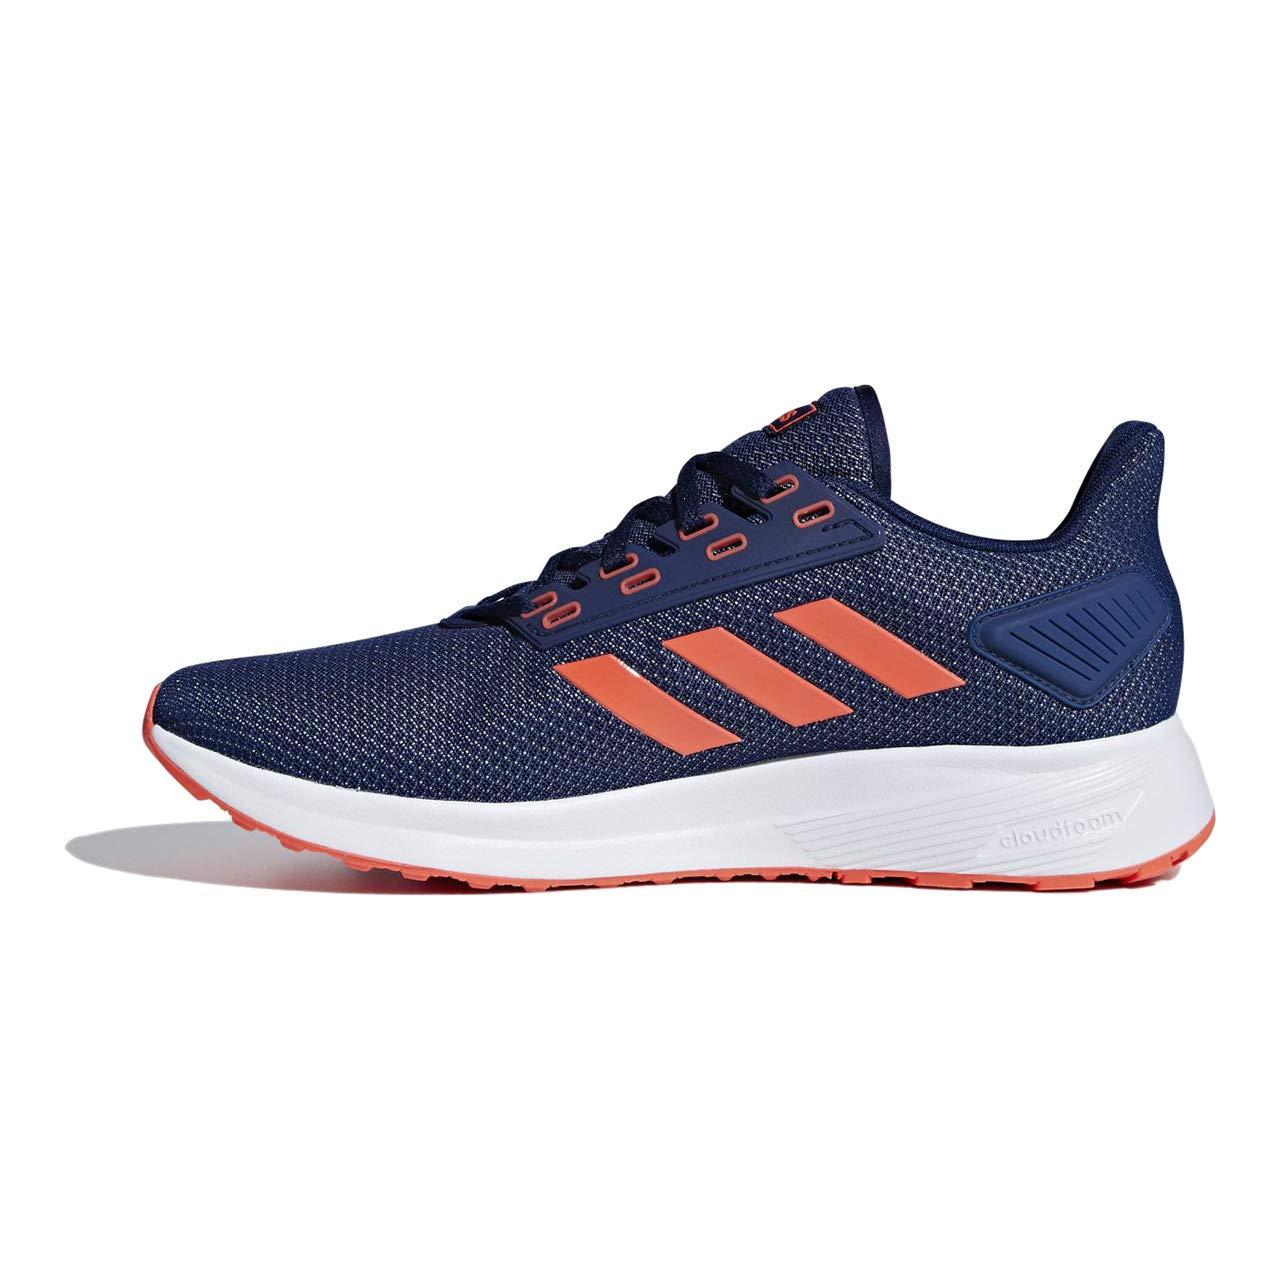 Adidas Duramo 9 Zapatillas Hombre para Running Cloudfoam 42 2/3 EU